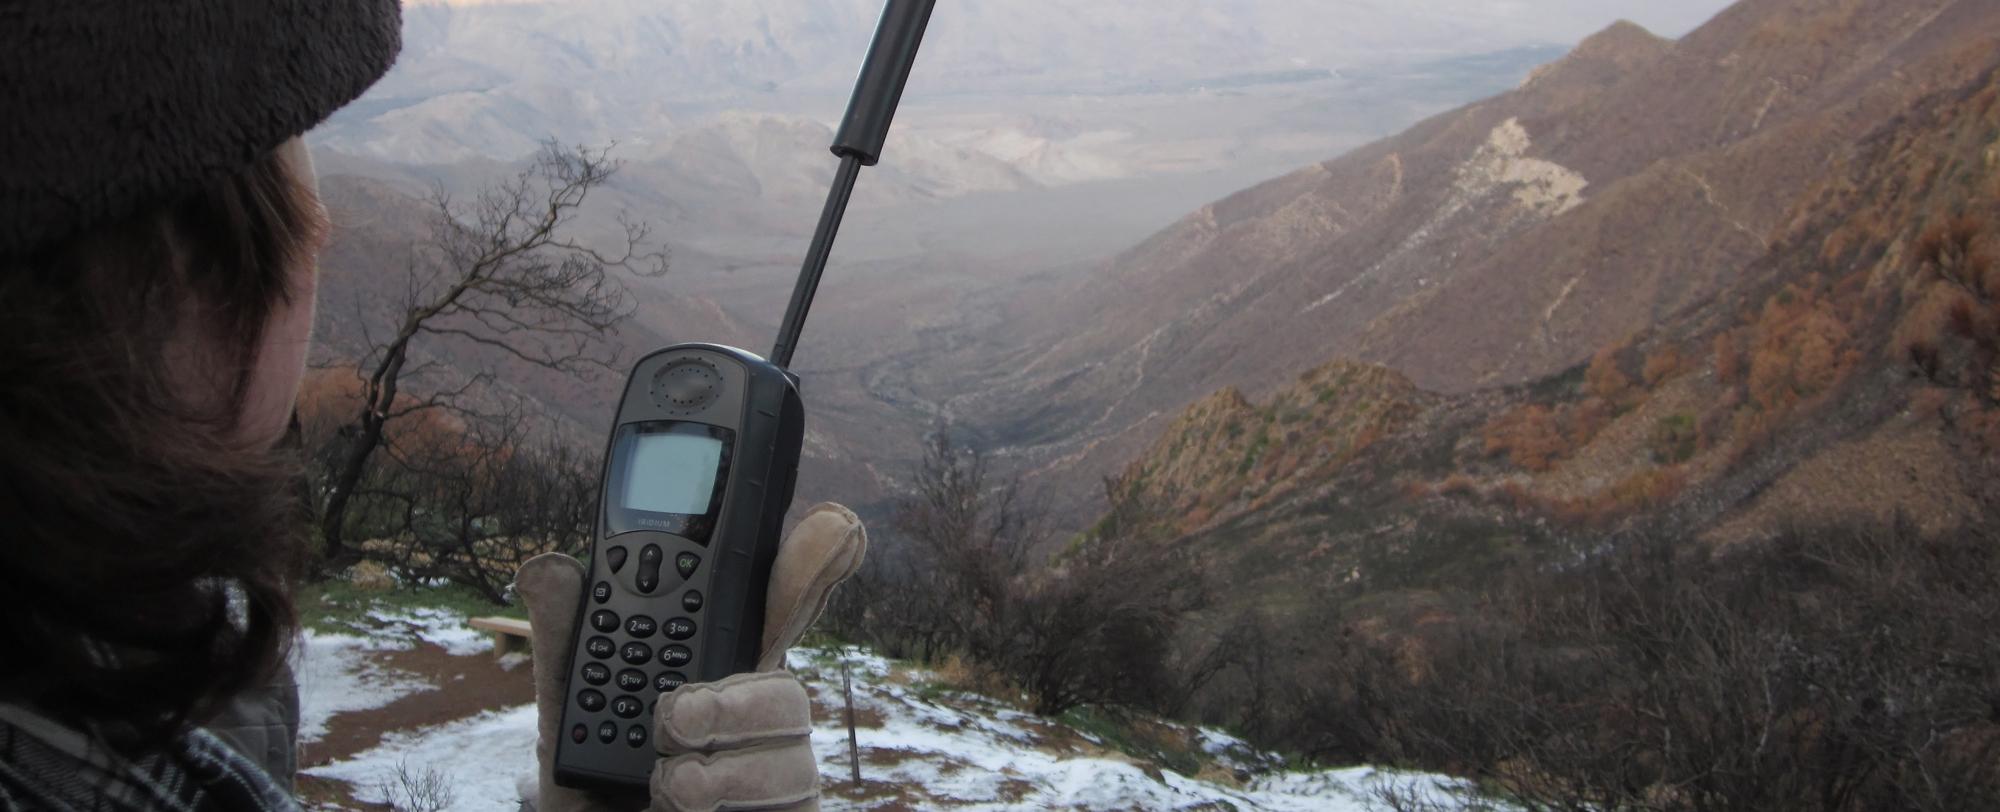 iridium-9505a-satellite-phone-used-in-remote-location-1.jpg